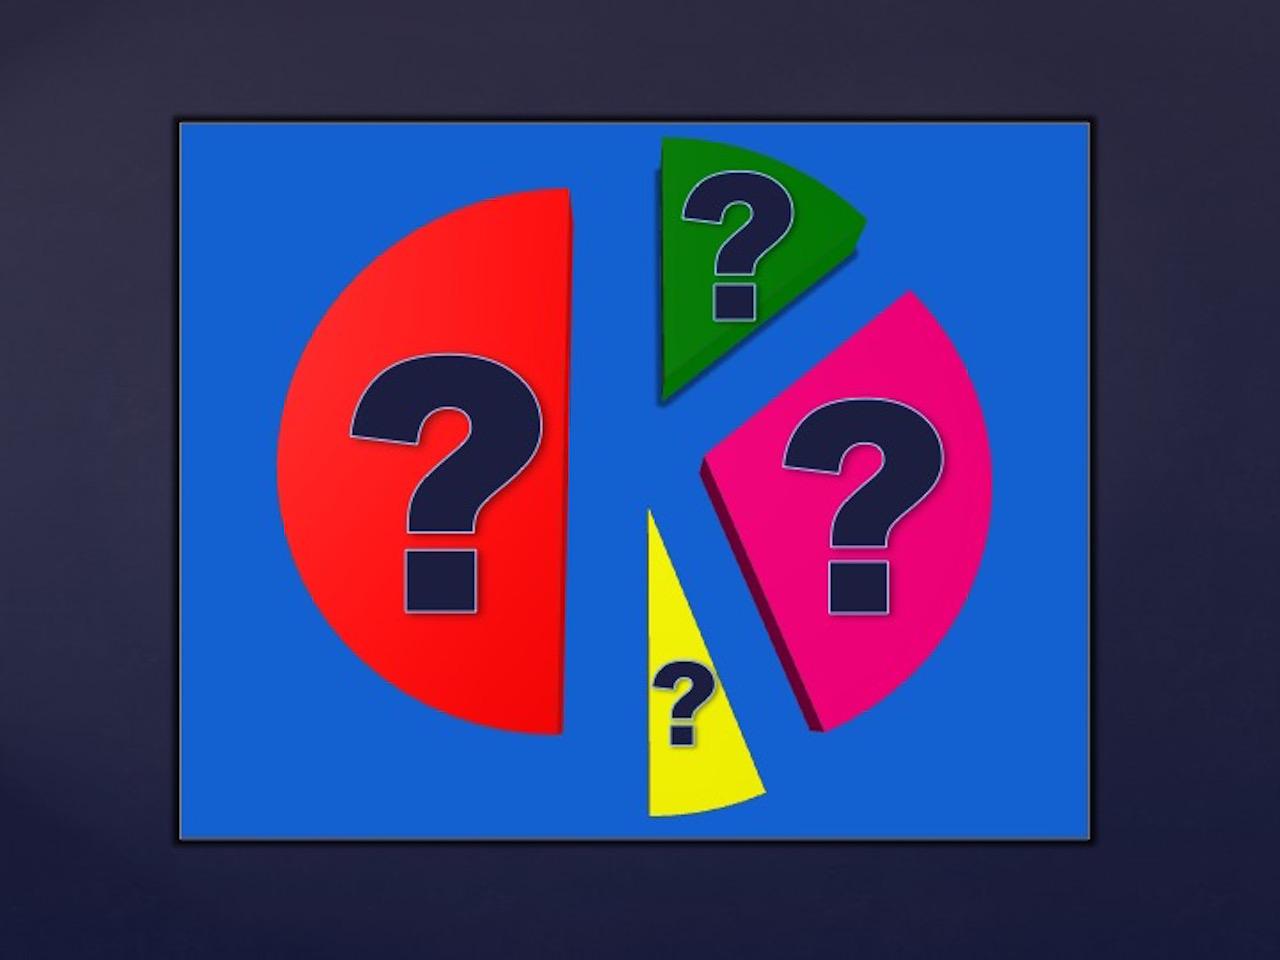 Diagramma a torta con fette colorate rosso verde rosa giallo, su sfondo blu chiaro e cornice blu-viola, e punti interrogativi su ogni fetta